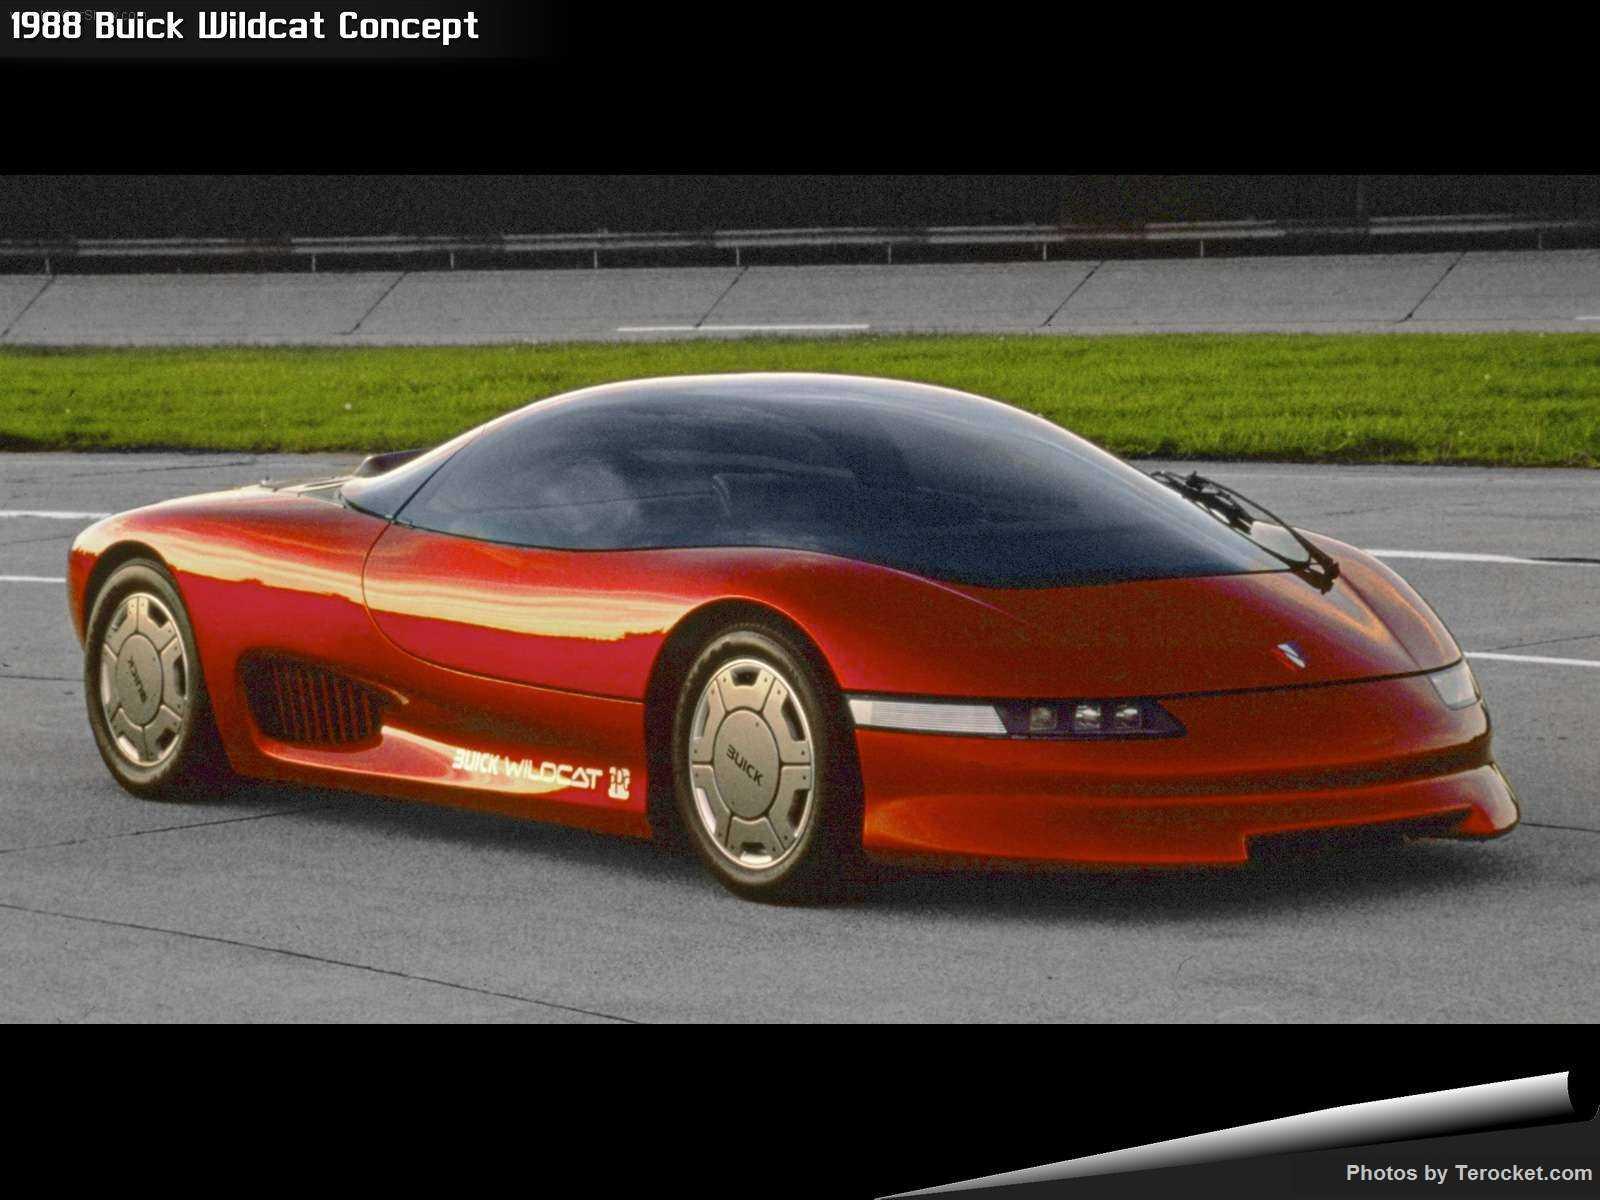 Hình ảnh xe ô tô Buick Wildcat Concept 1988 & nội ngoại thất